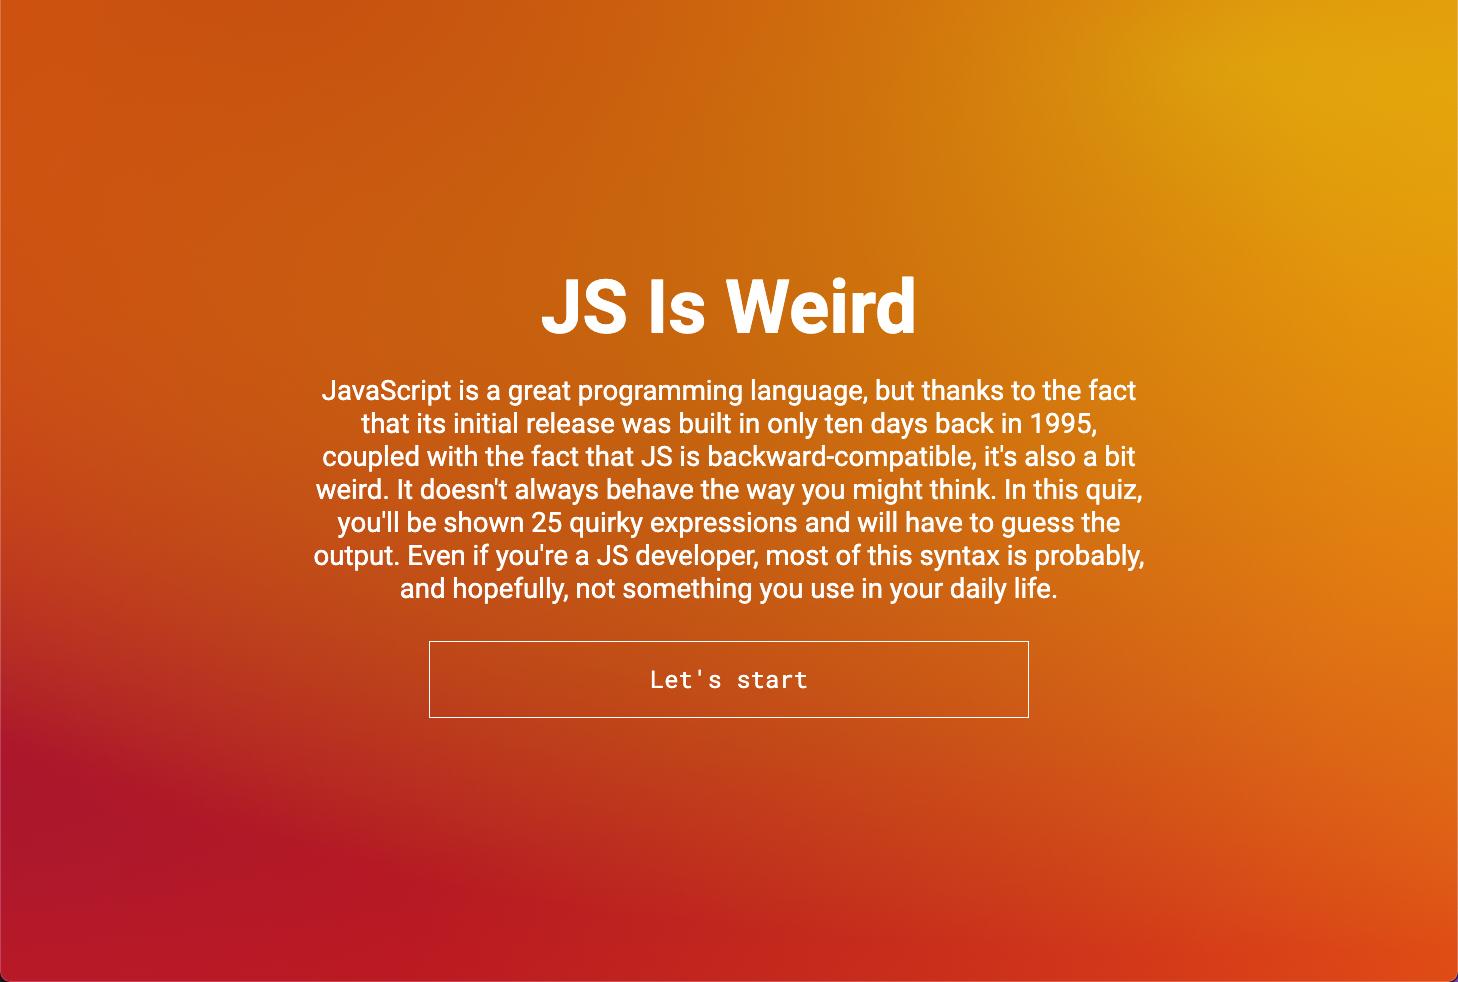 JS is Weird Quiz